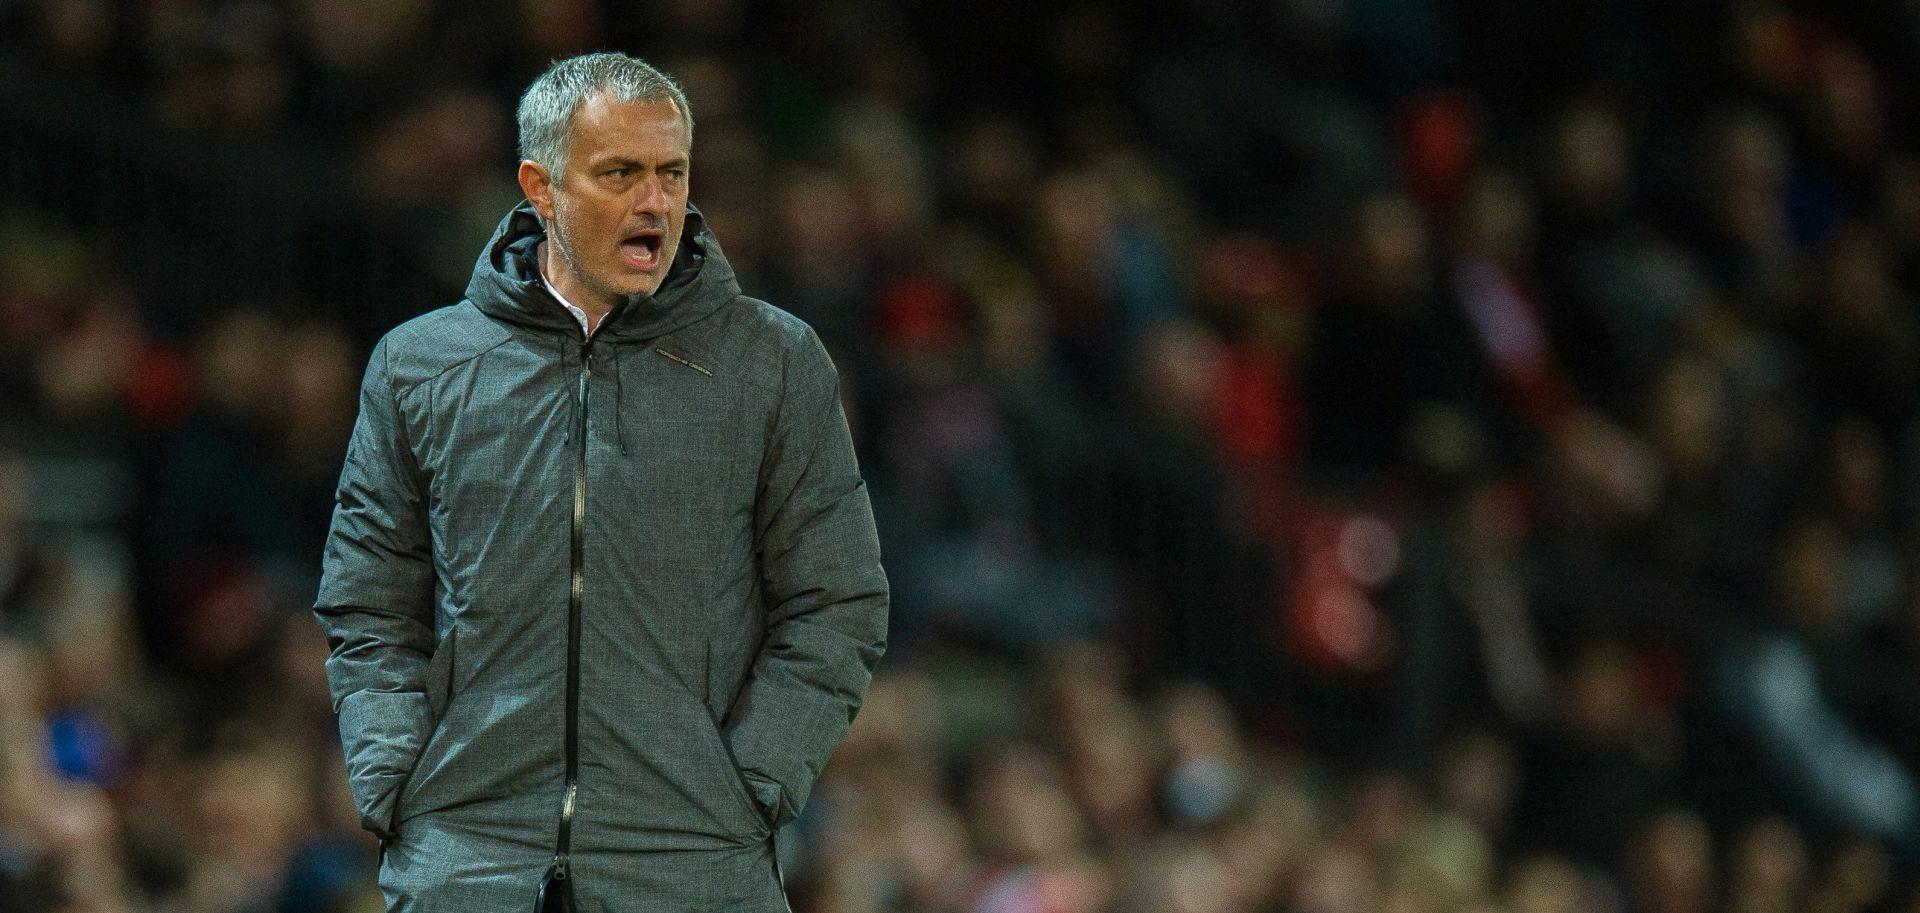 """Mourinho za remi okrivio neefikasne napadače: """"Da sam ja branič Uniteda, bio bih vrlo ljut na svoje napadače"""""""